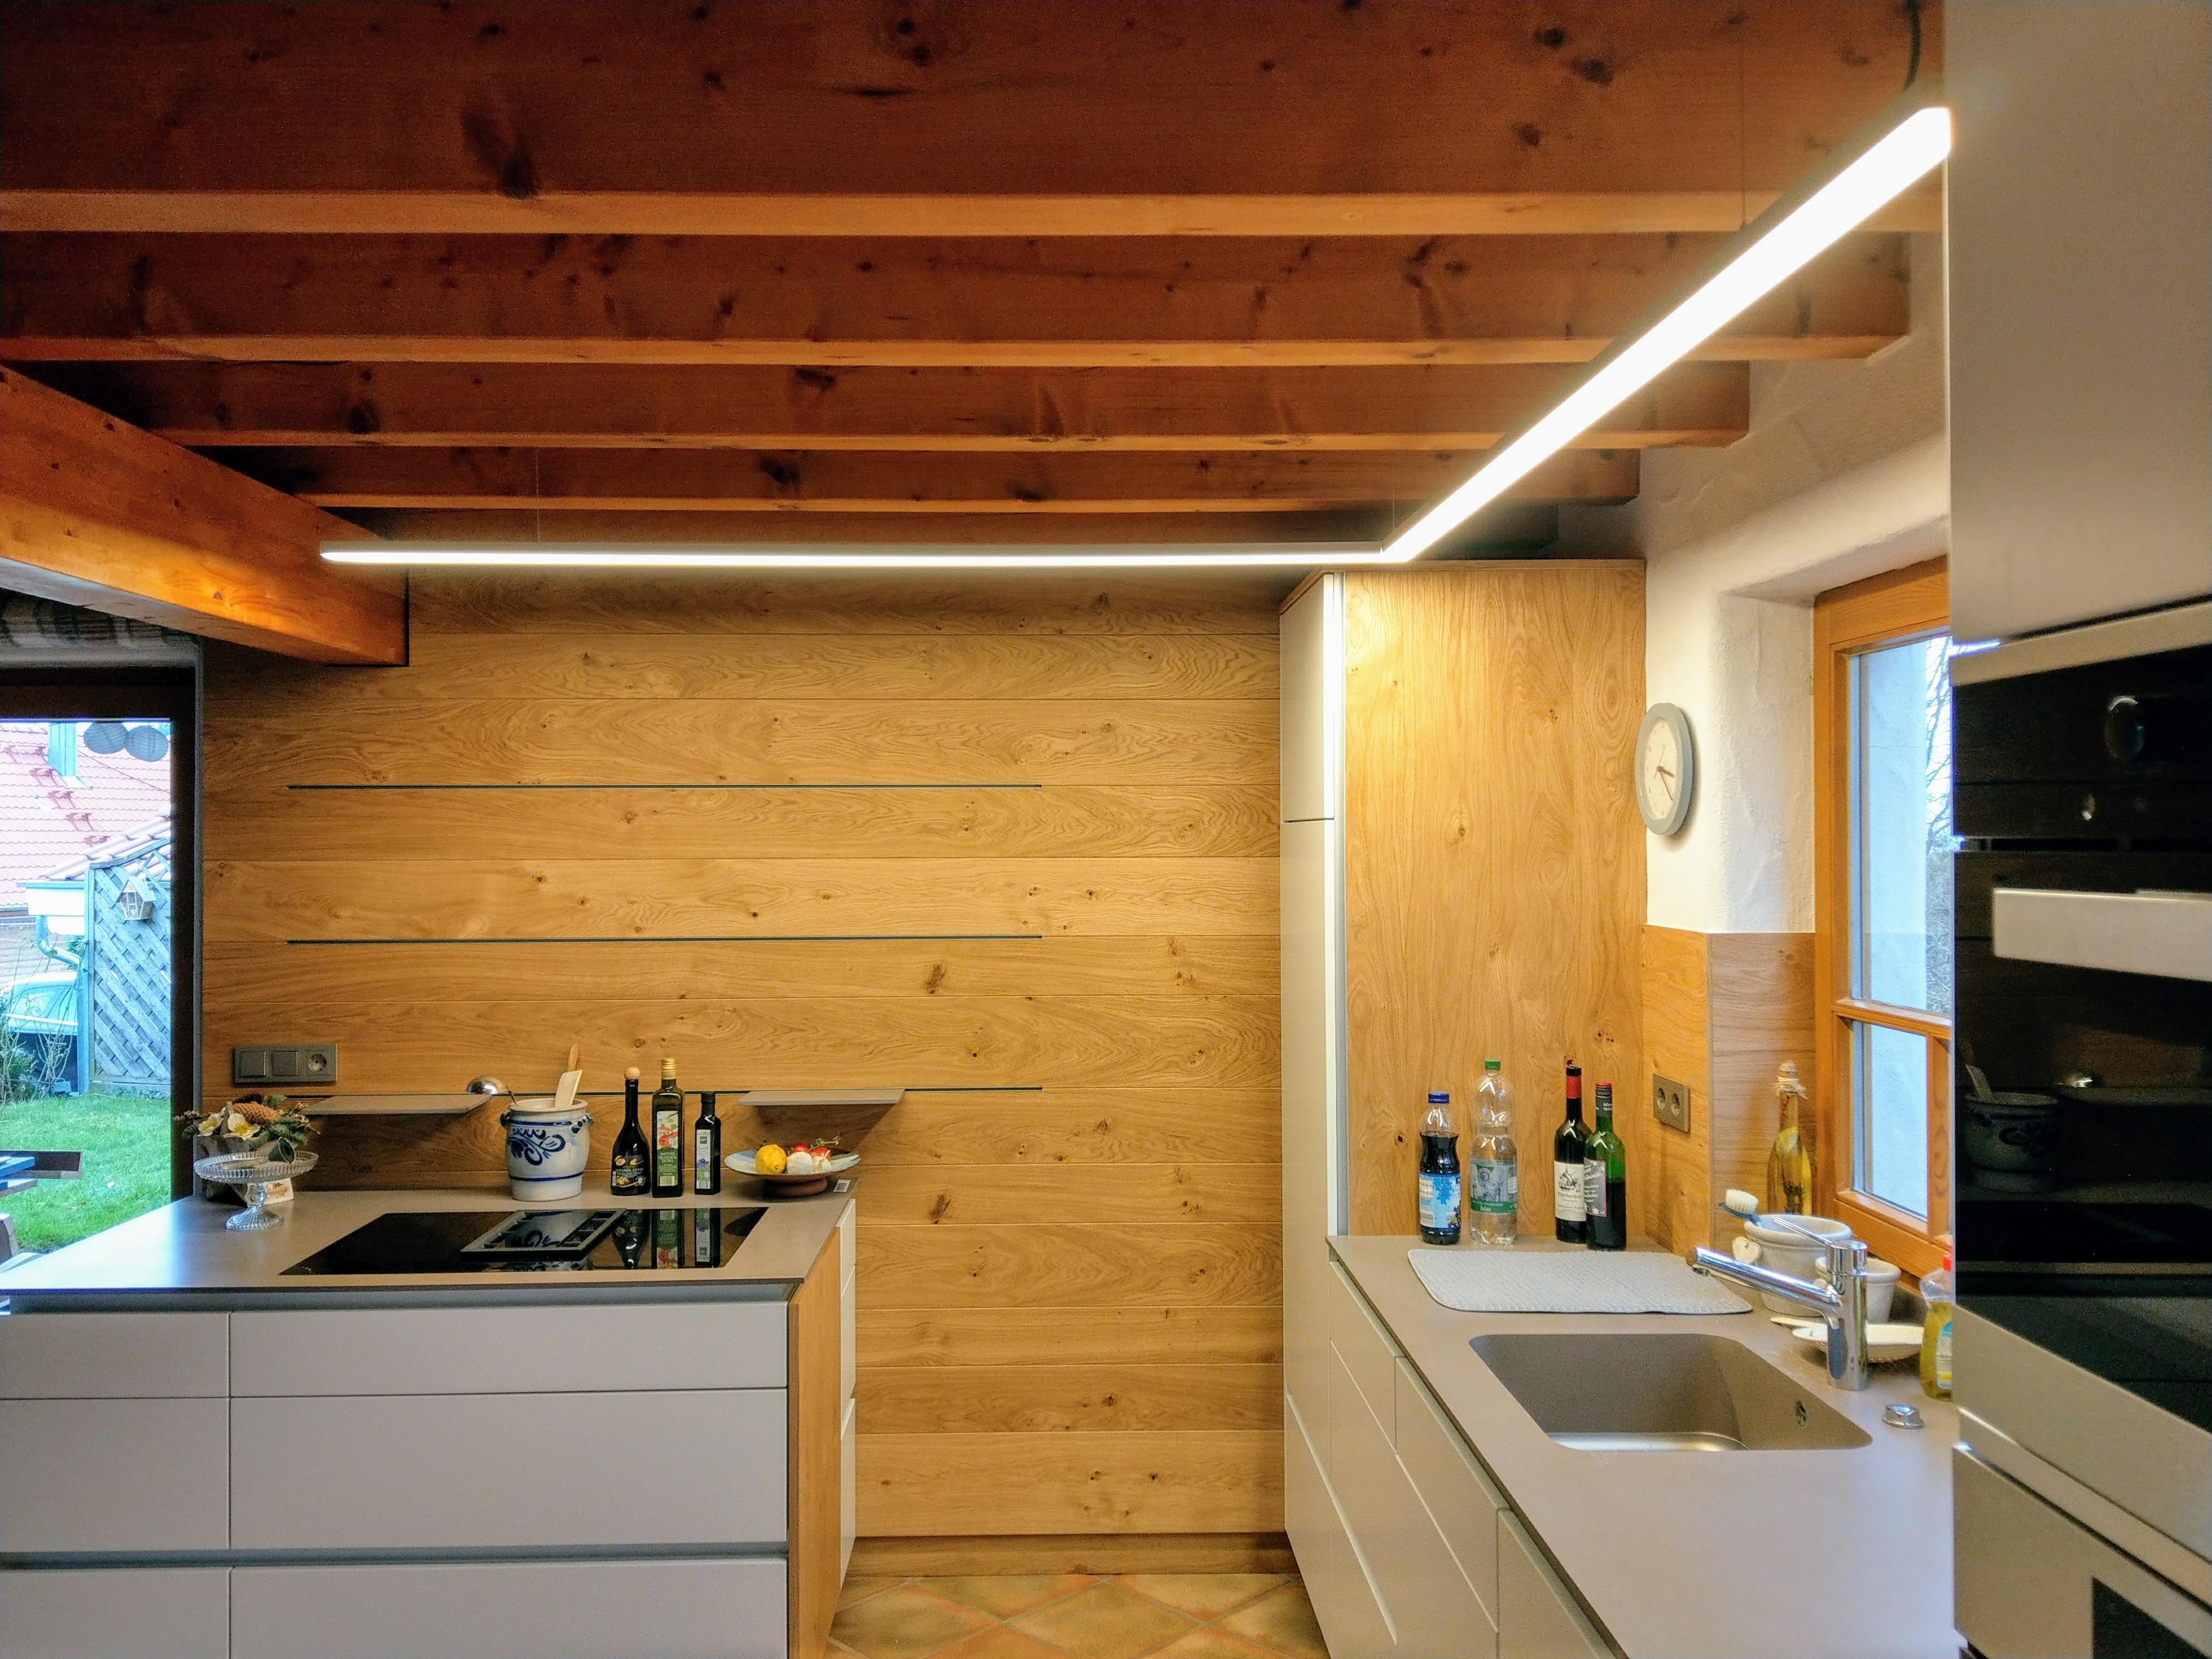 Moderne Küchenbeleuchtung - Referenzgalerien - Elektro Service Huber ...